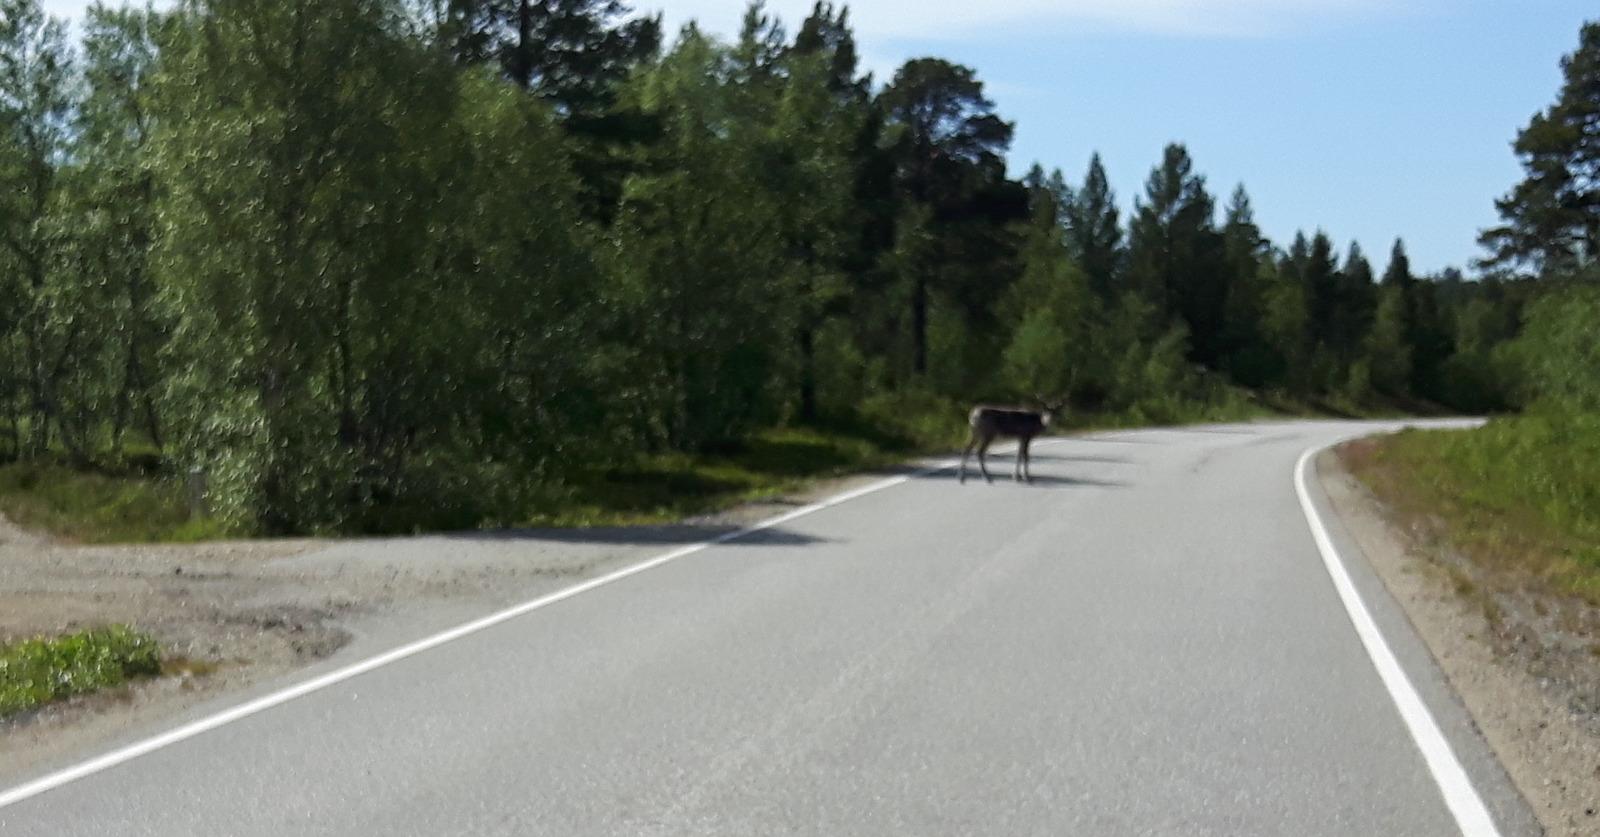 Road hazards with reindeer Finland